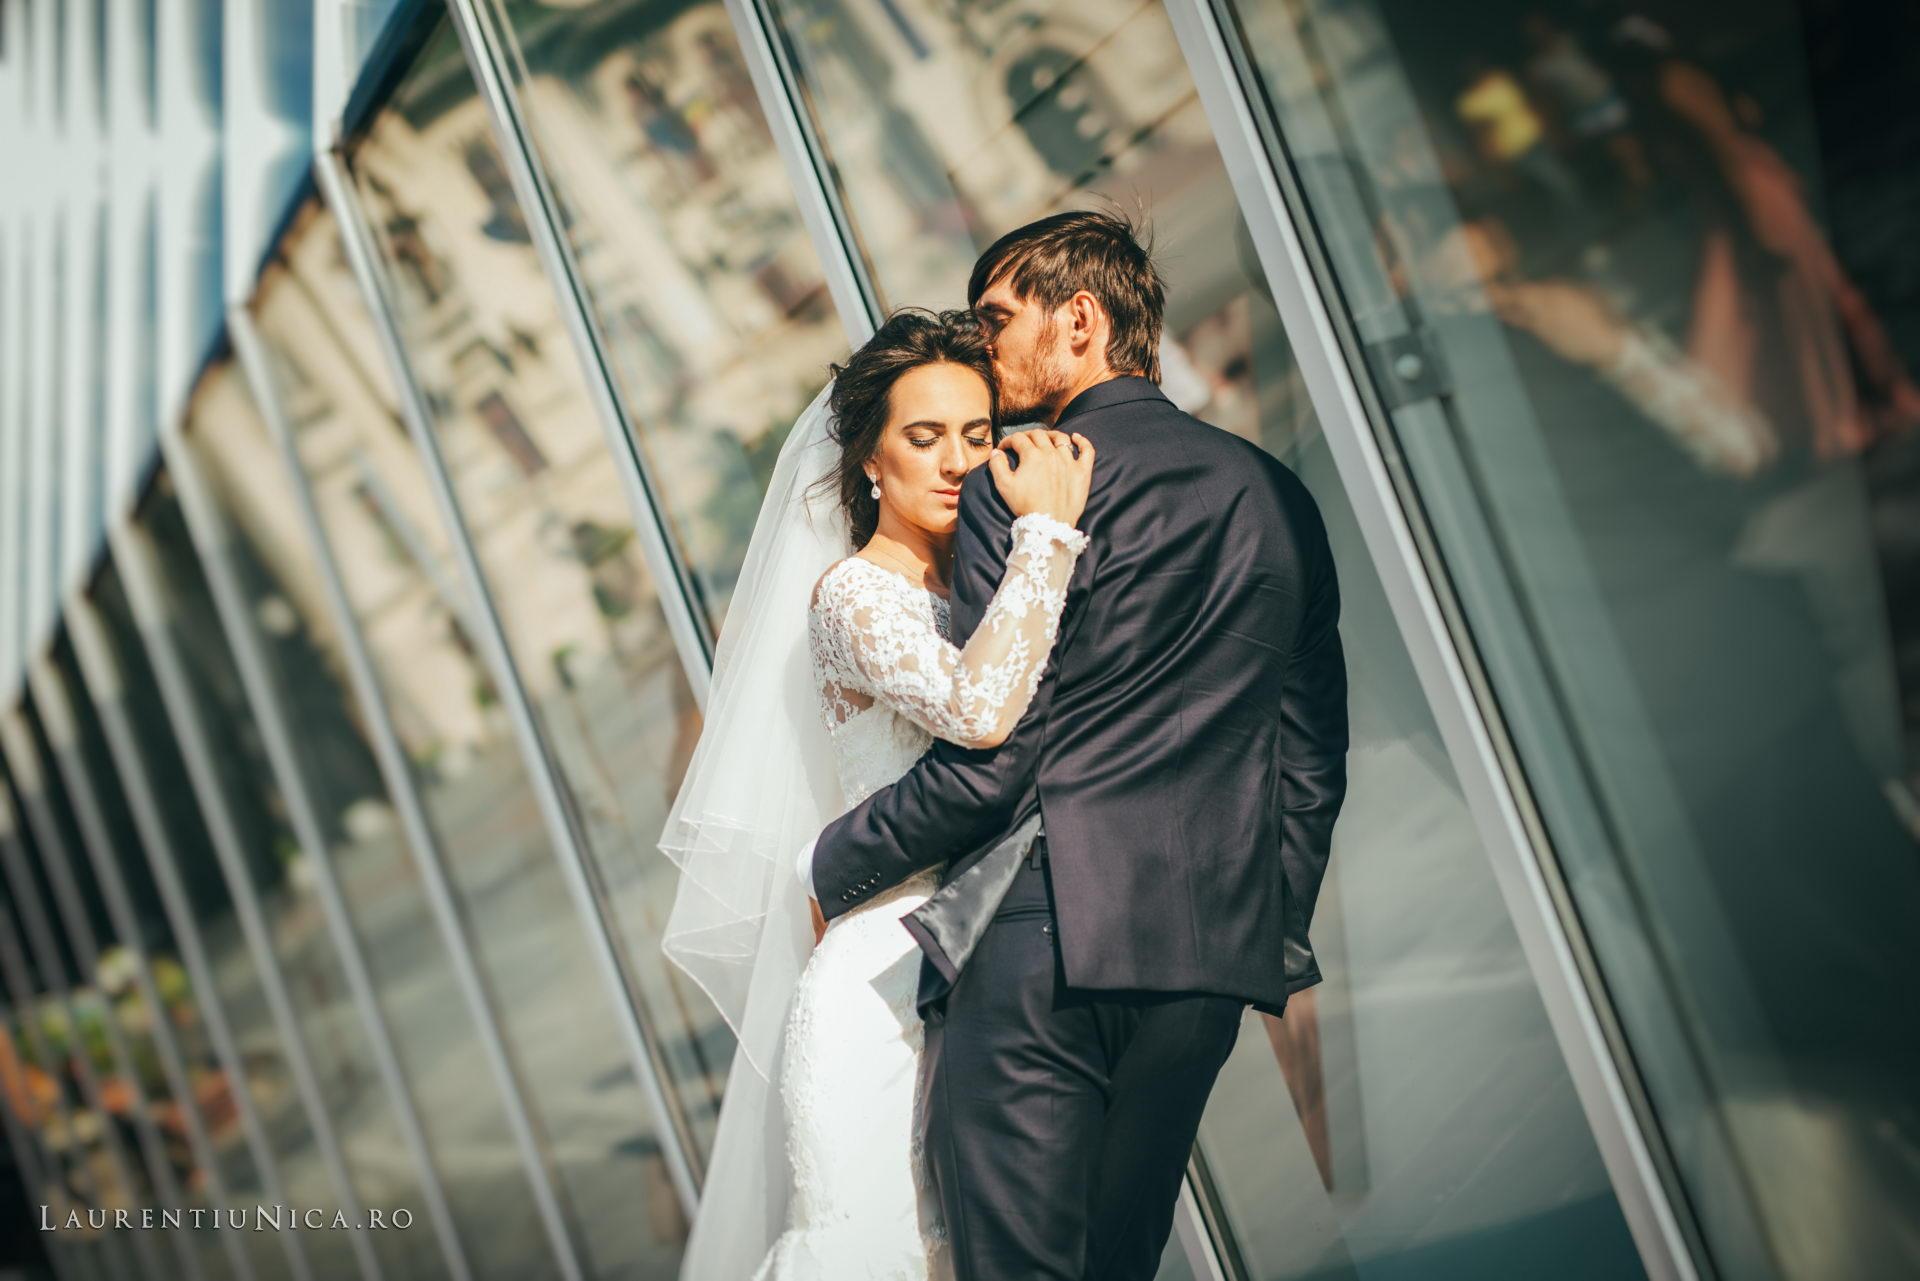 Cristina si Ovidiu nunta Craiova fotograf laurentiu nica 099 - Cristina & Ovidiu | Fotografii nunta | Craiova